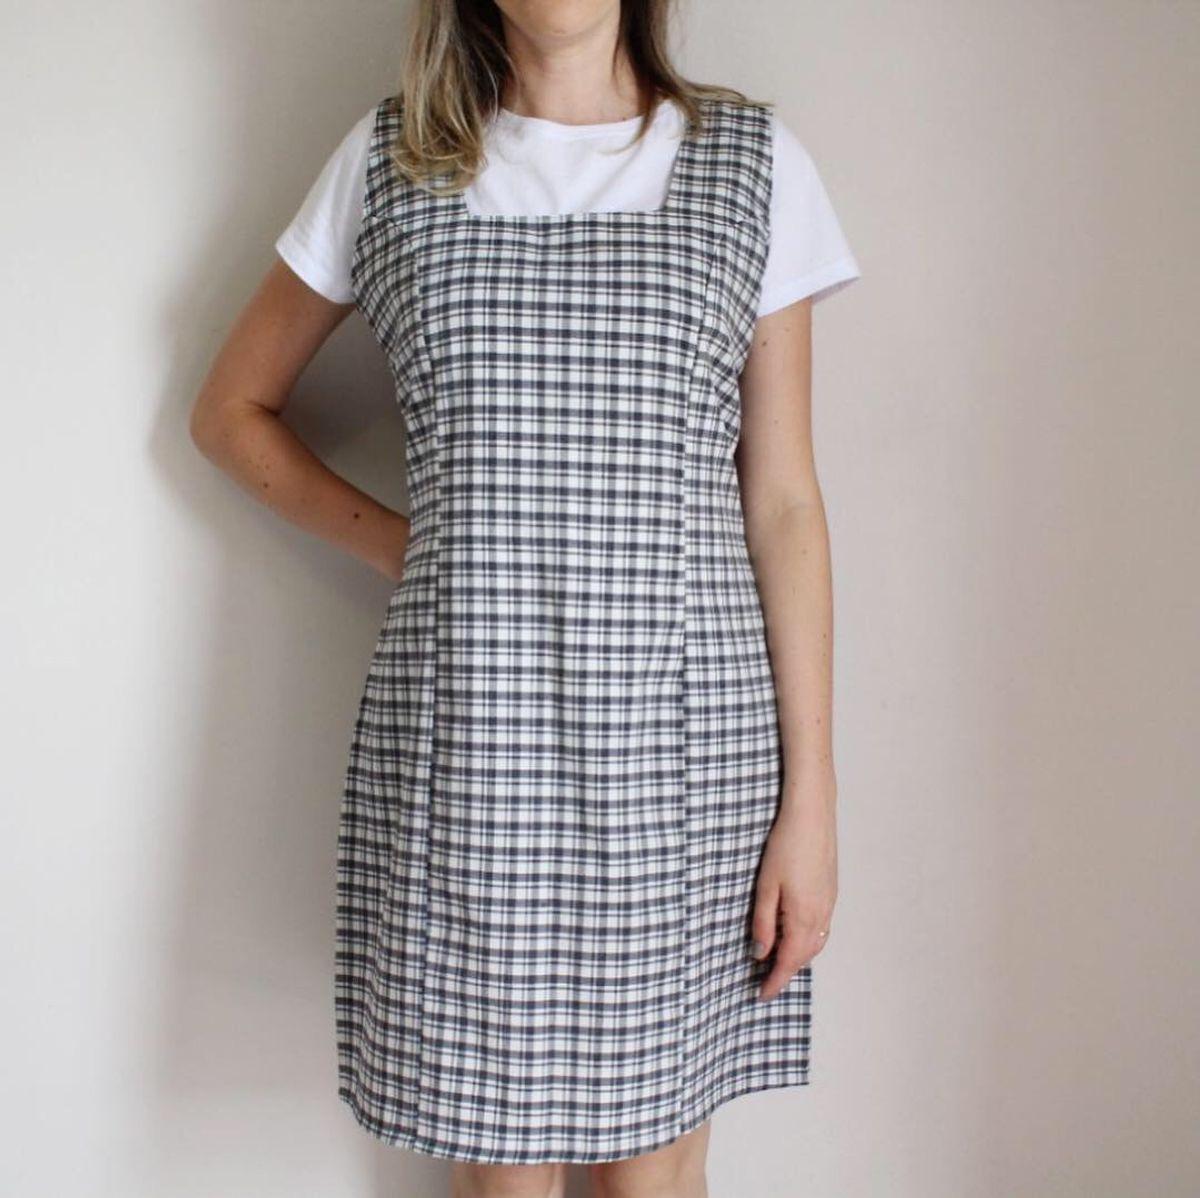 e9fc89f68 vestido xadrez - vestidos sem marca.  Czm6ly9wag90b3muzw5qb2vplmnvbs5ici9wcm9kdwn0cy84mjyynzkvzjaxmwqxzjzlntkym2ixy2u2ntcwyzi4ztdmmzbkndcuanbn